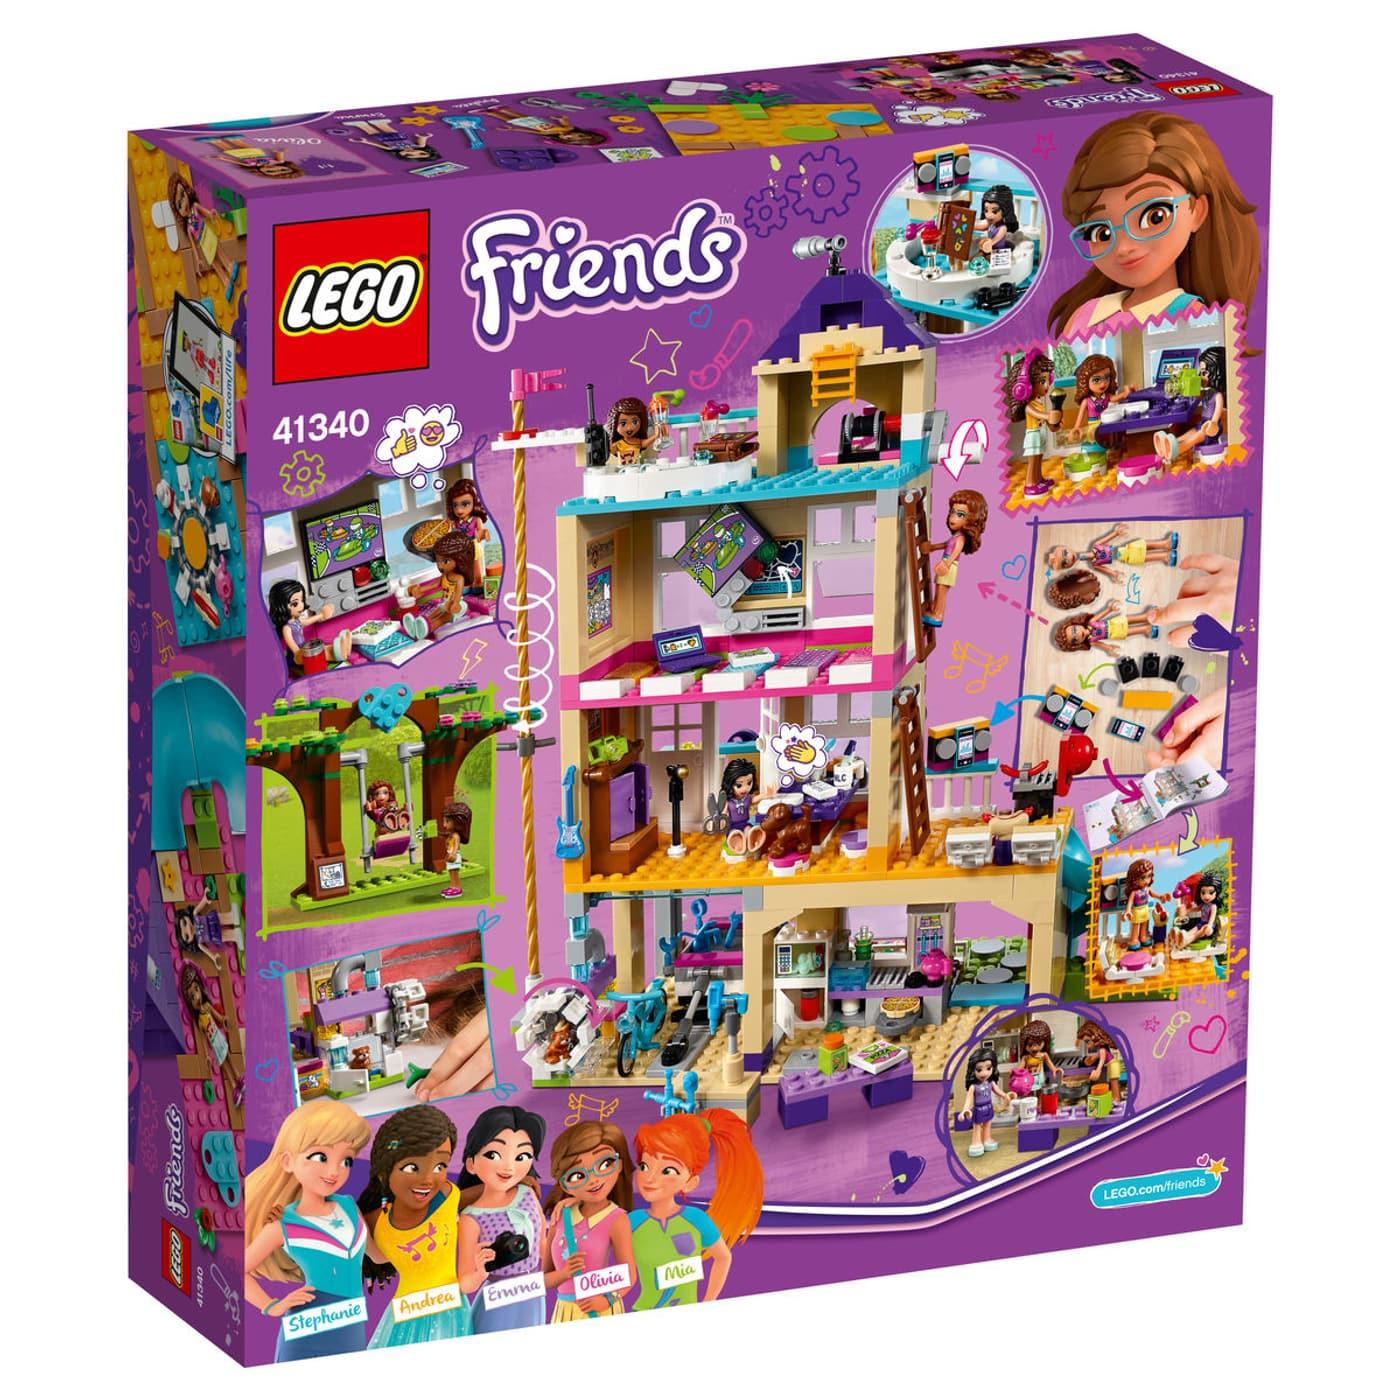 Lego Friends La Maison De L Amitie 41340 Migros